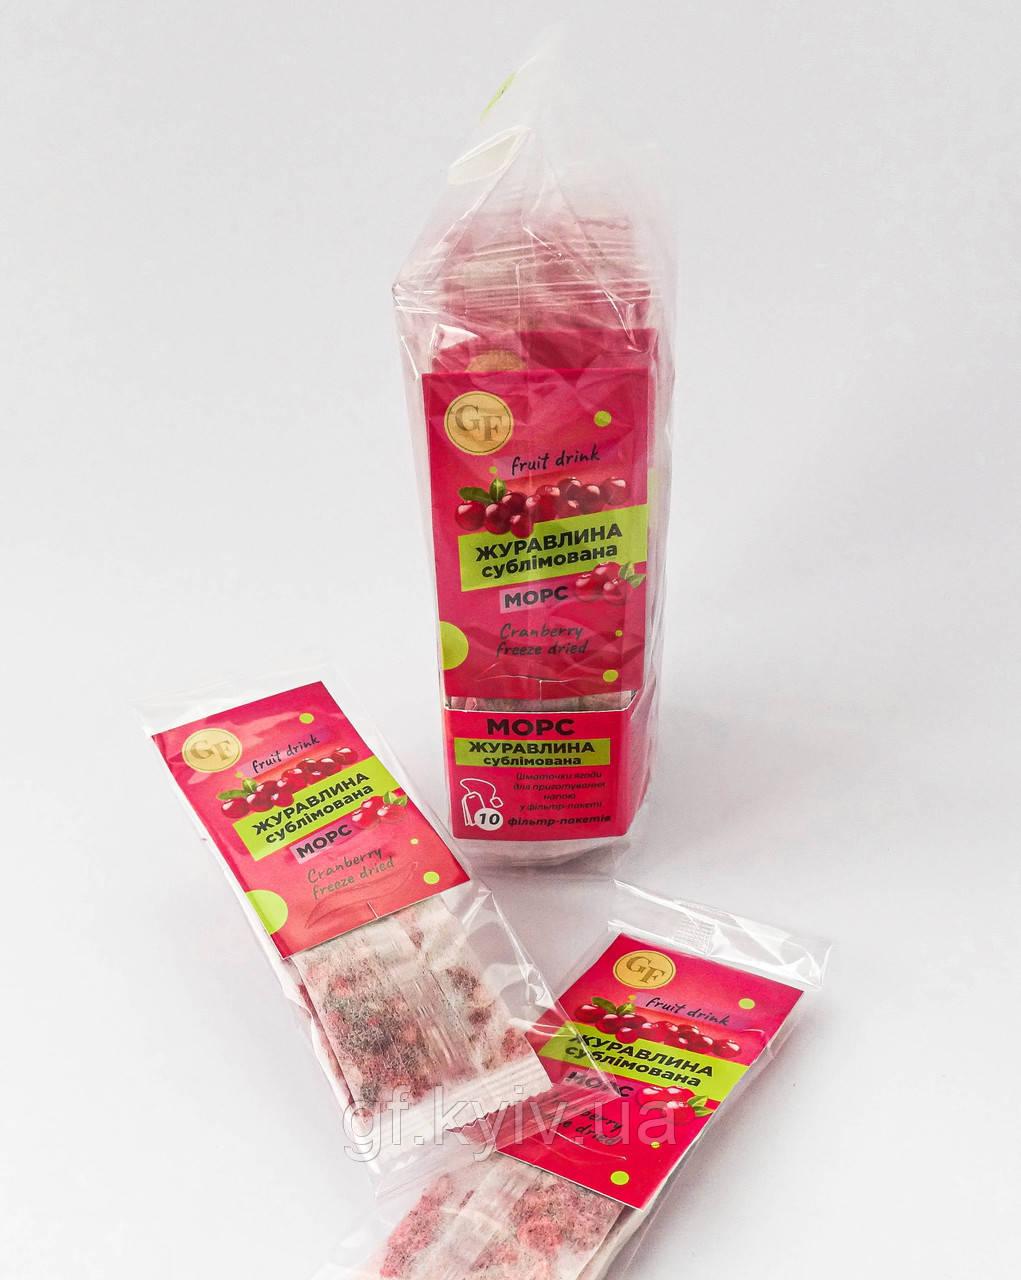 Клюквенный морс (клюква сублимированная) напиток, чай из натуральной ягоды по 10 фильтр-пакетов в упаковке